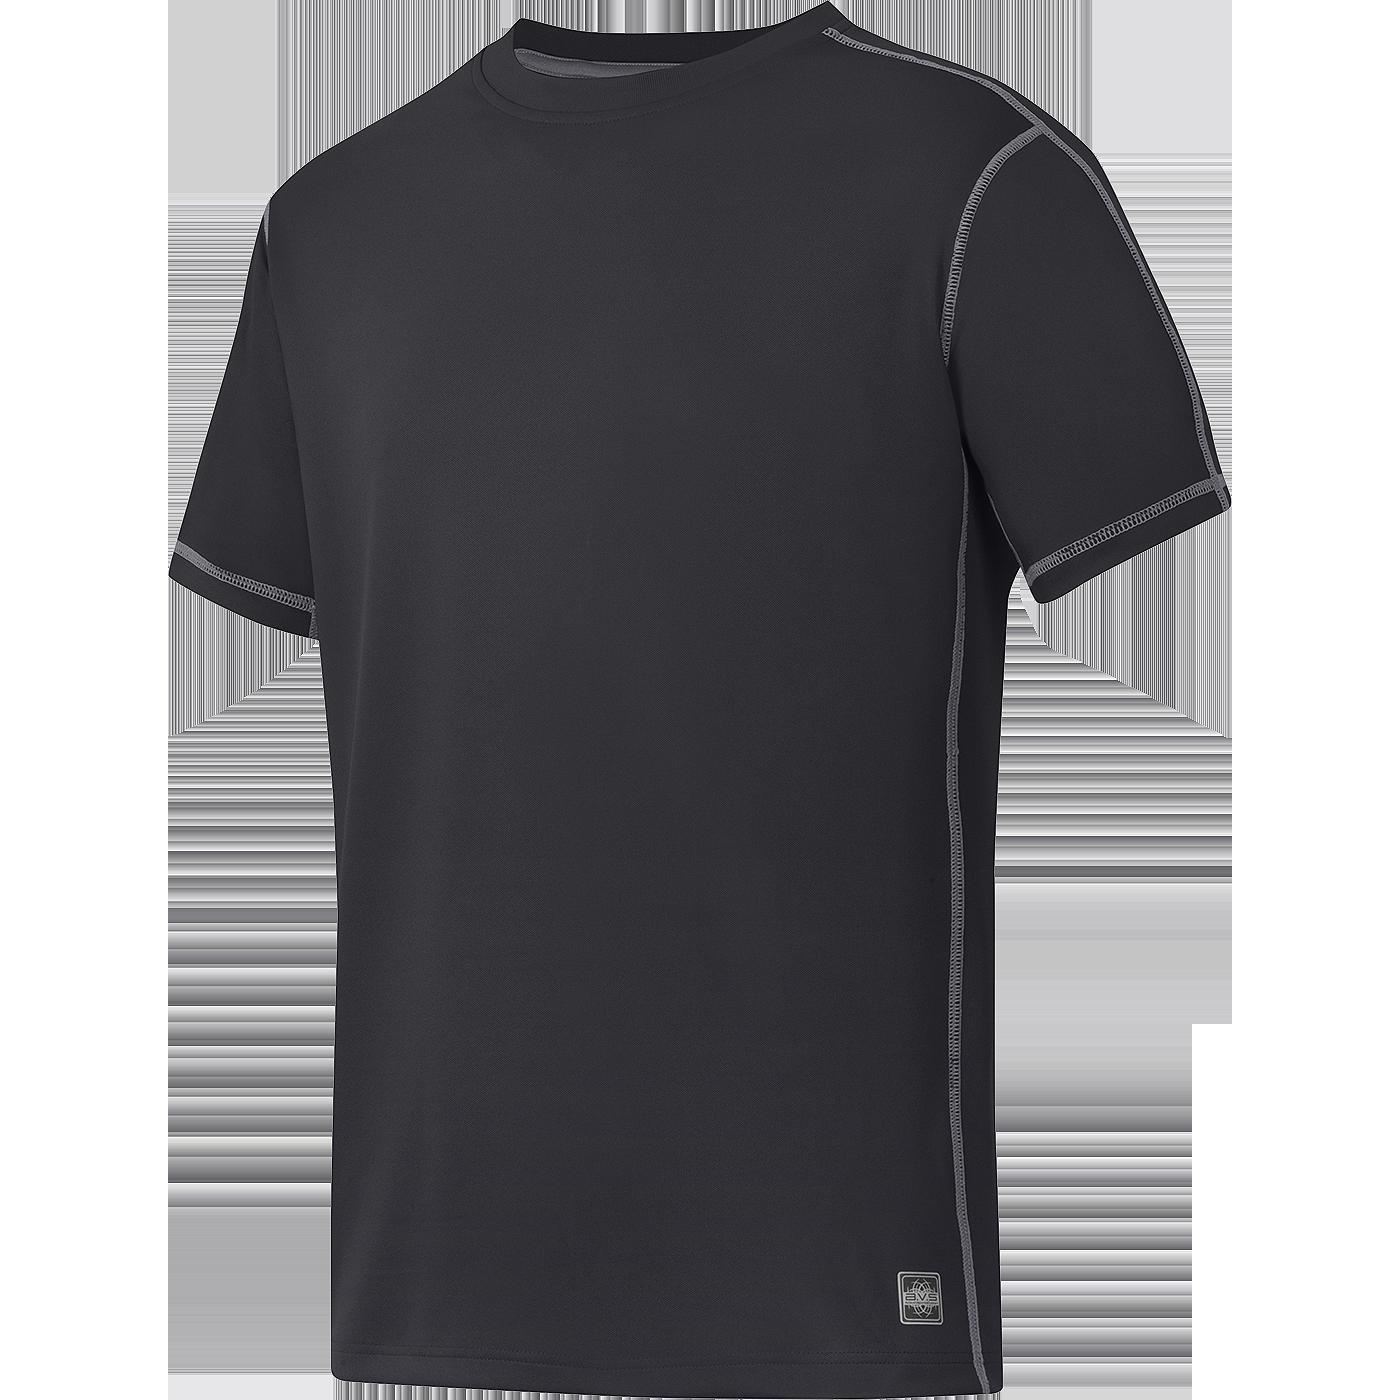 SNICKERS Workwear LiteWork 37.5® ripptaskutega tööpüksid